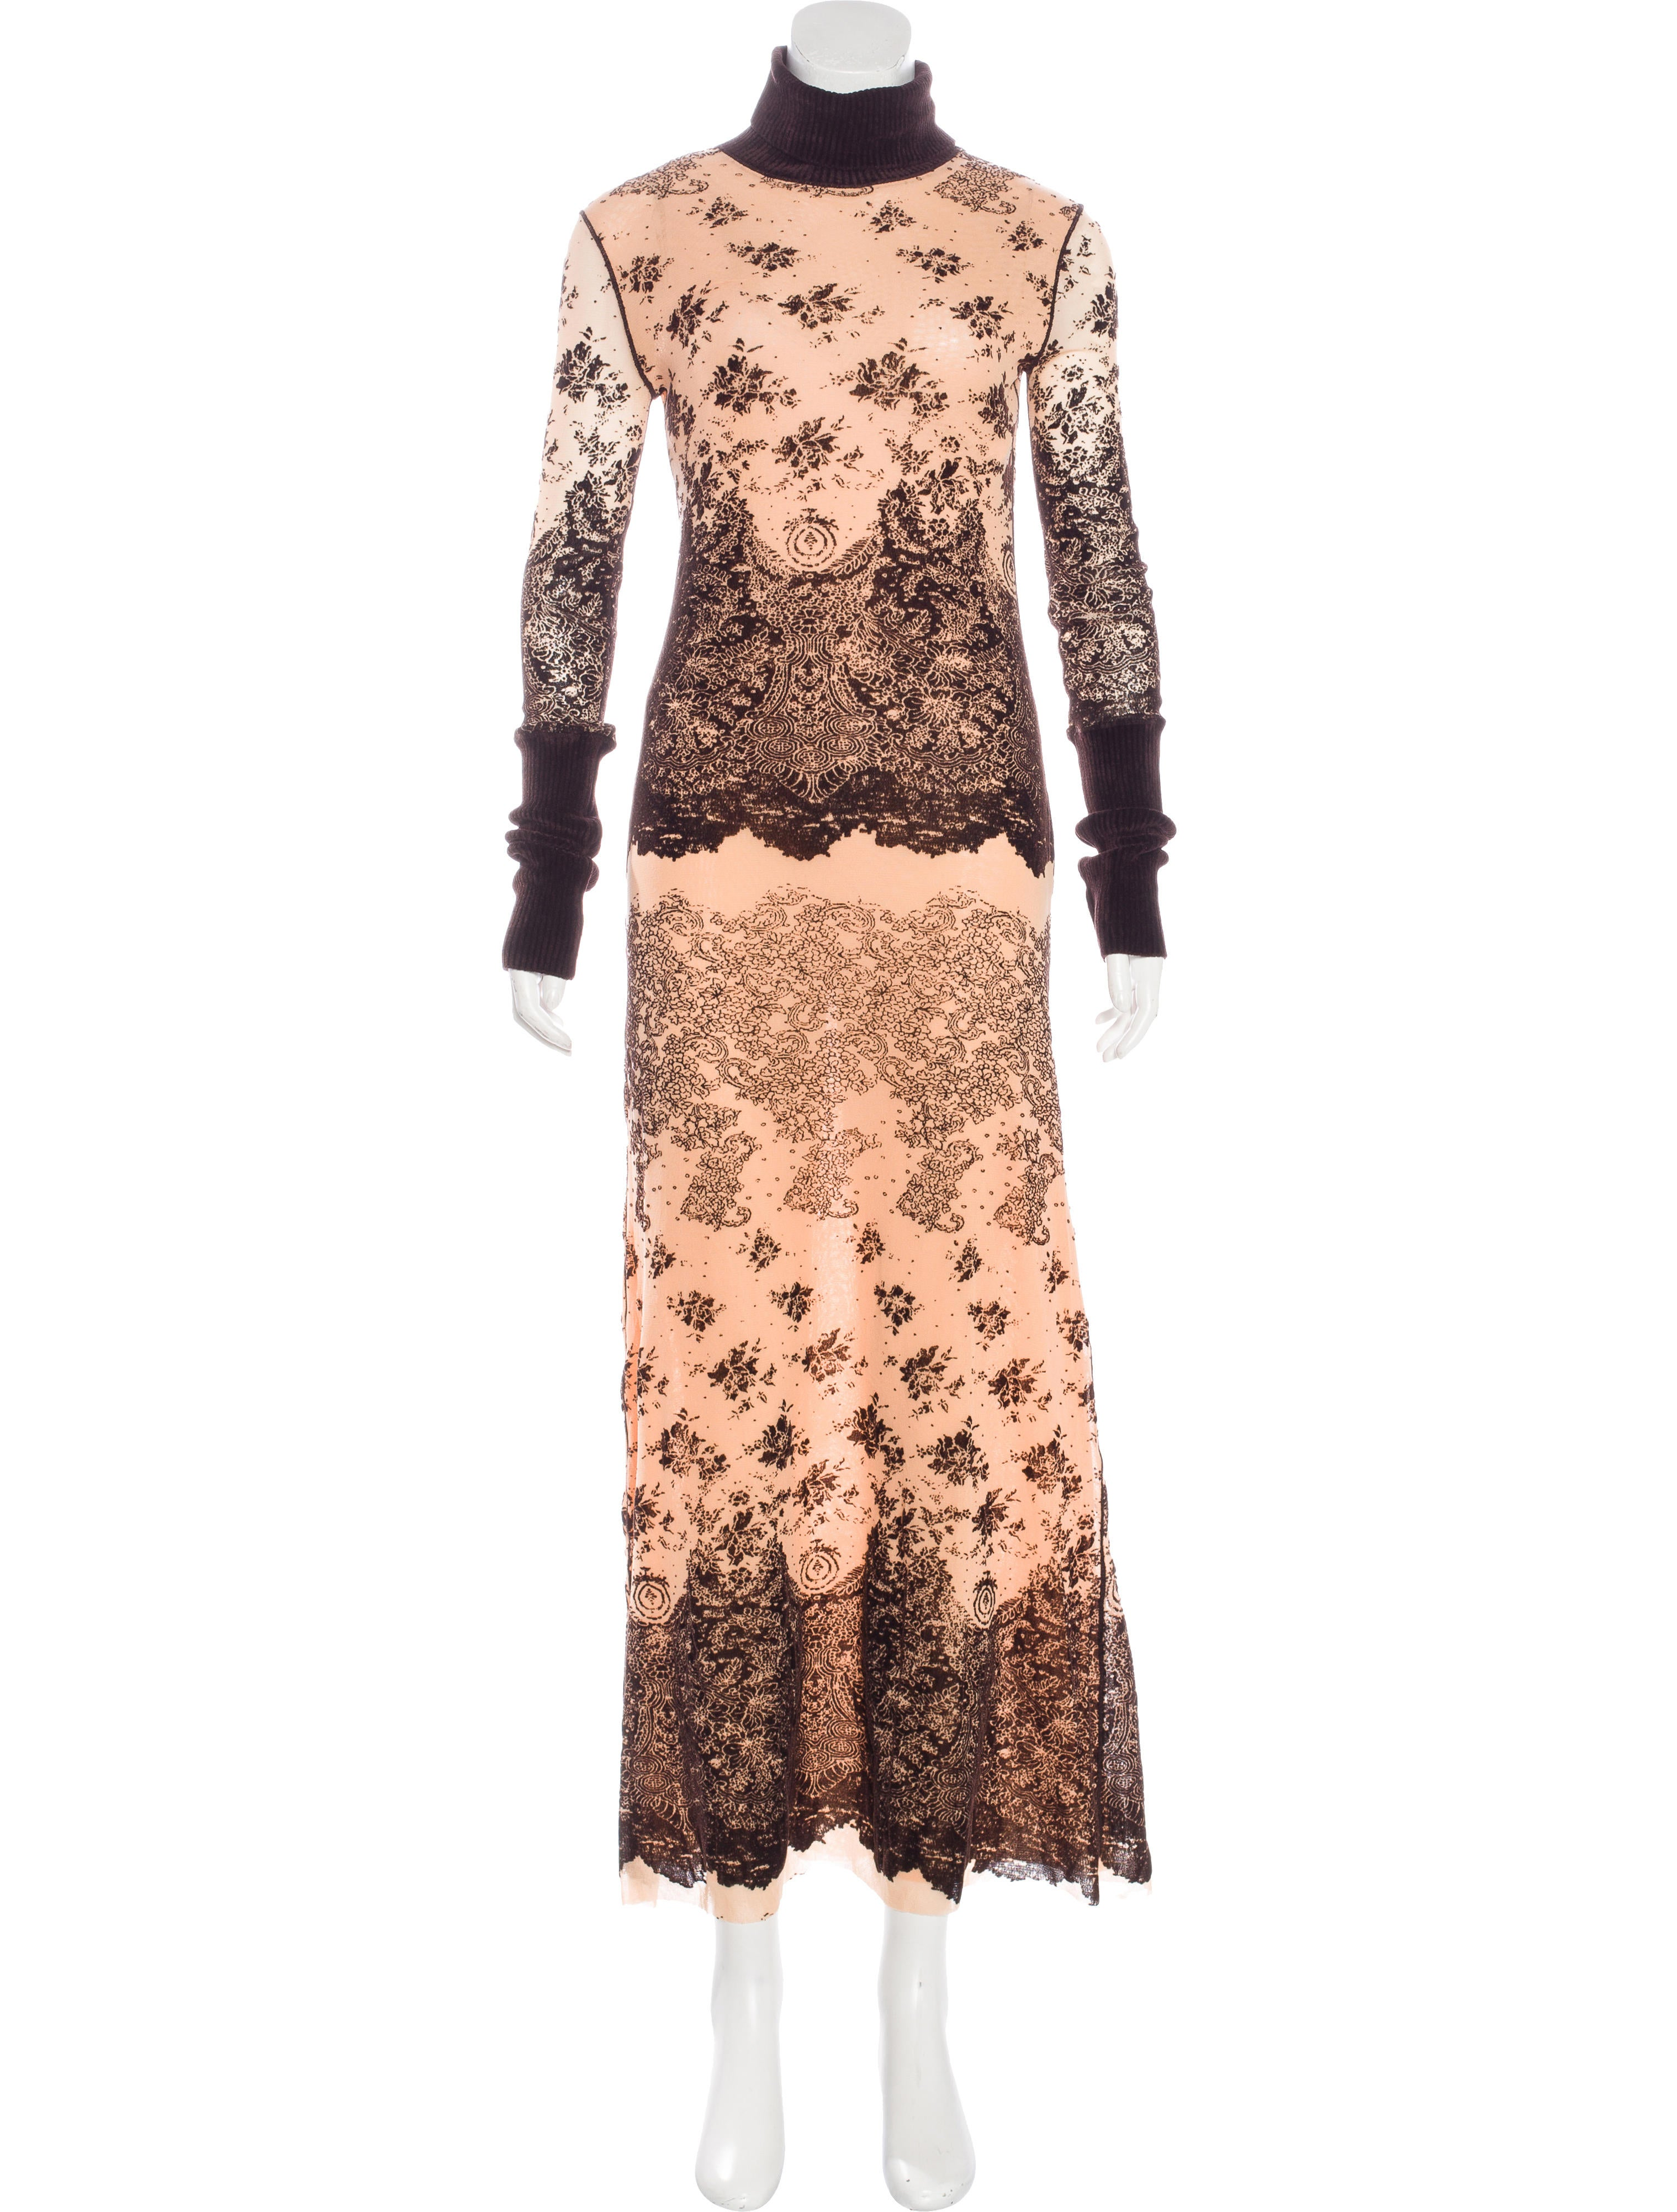 Jean paul clothes online